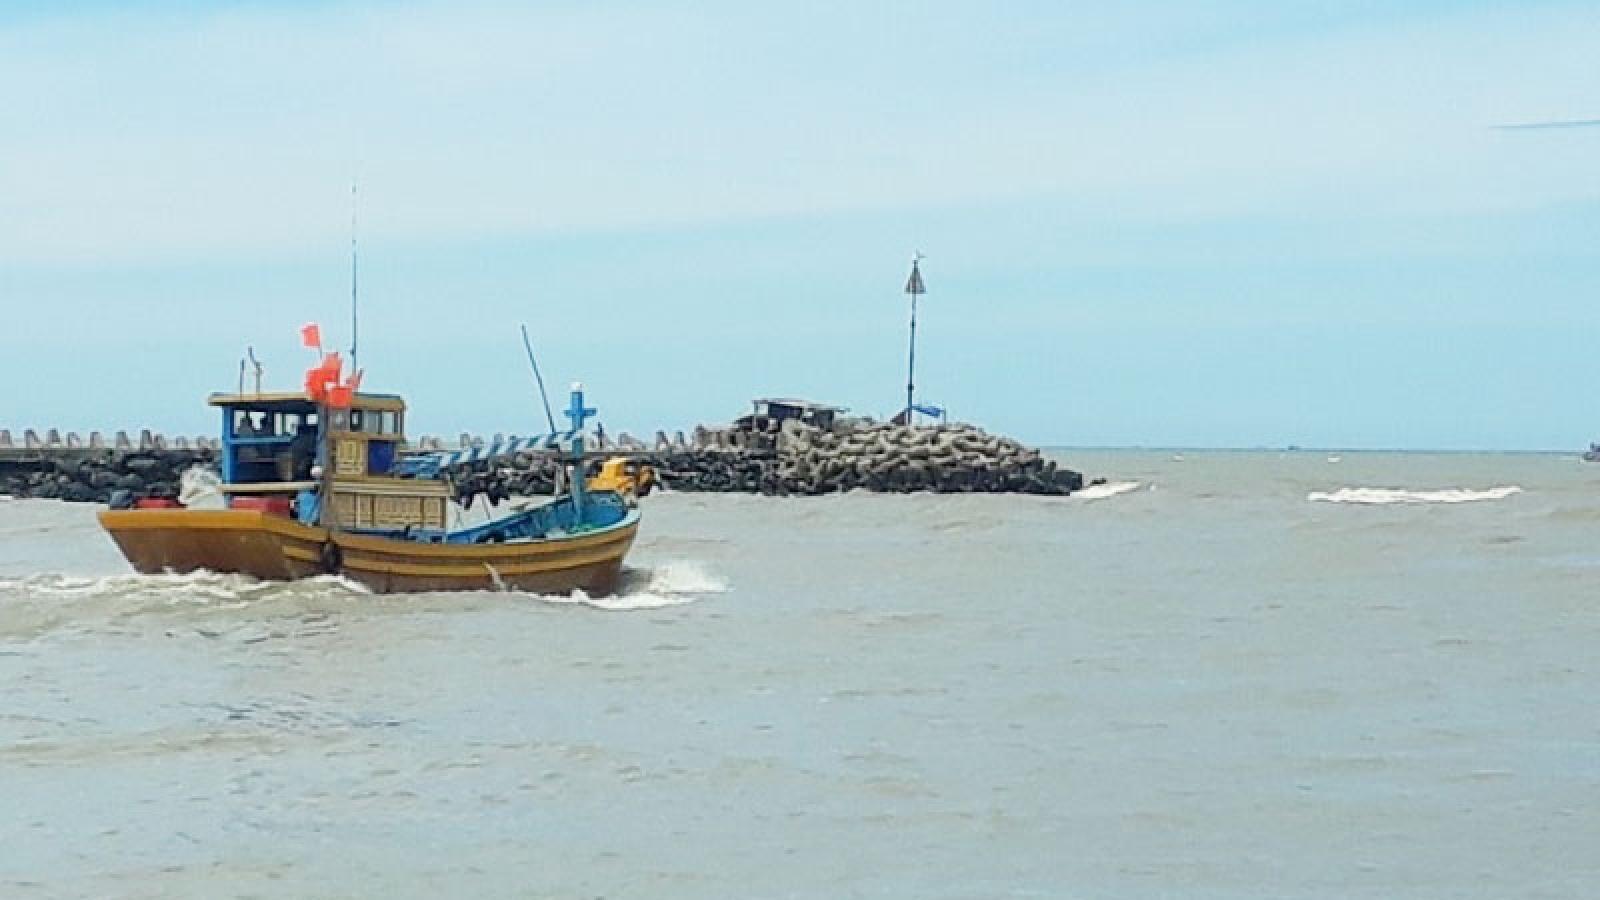 Luồng lạch chưa thông, tàu thuyền khó cập cảng cá Phan Rí Cửa